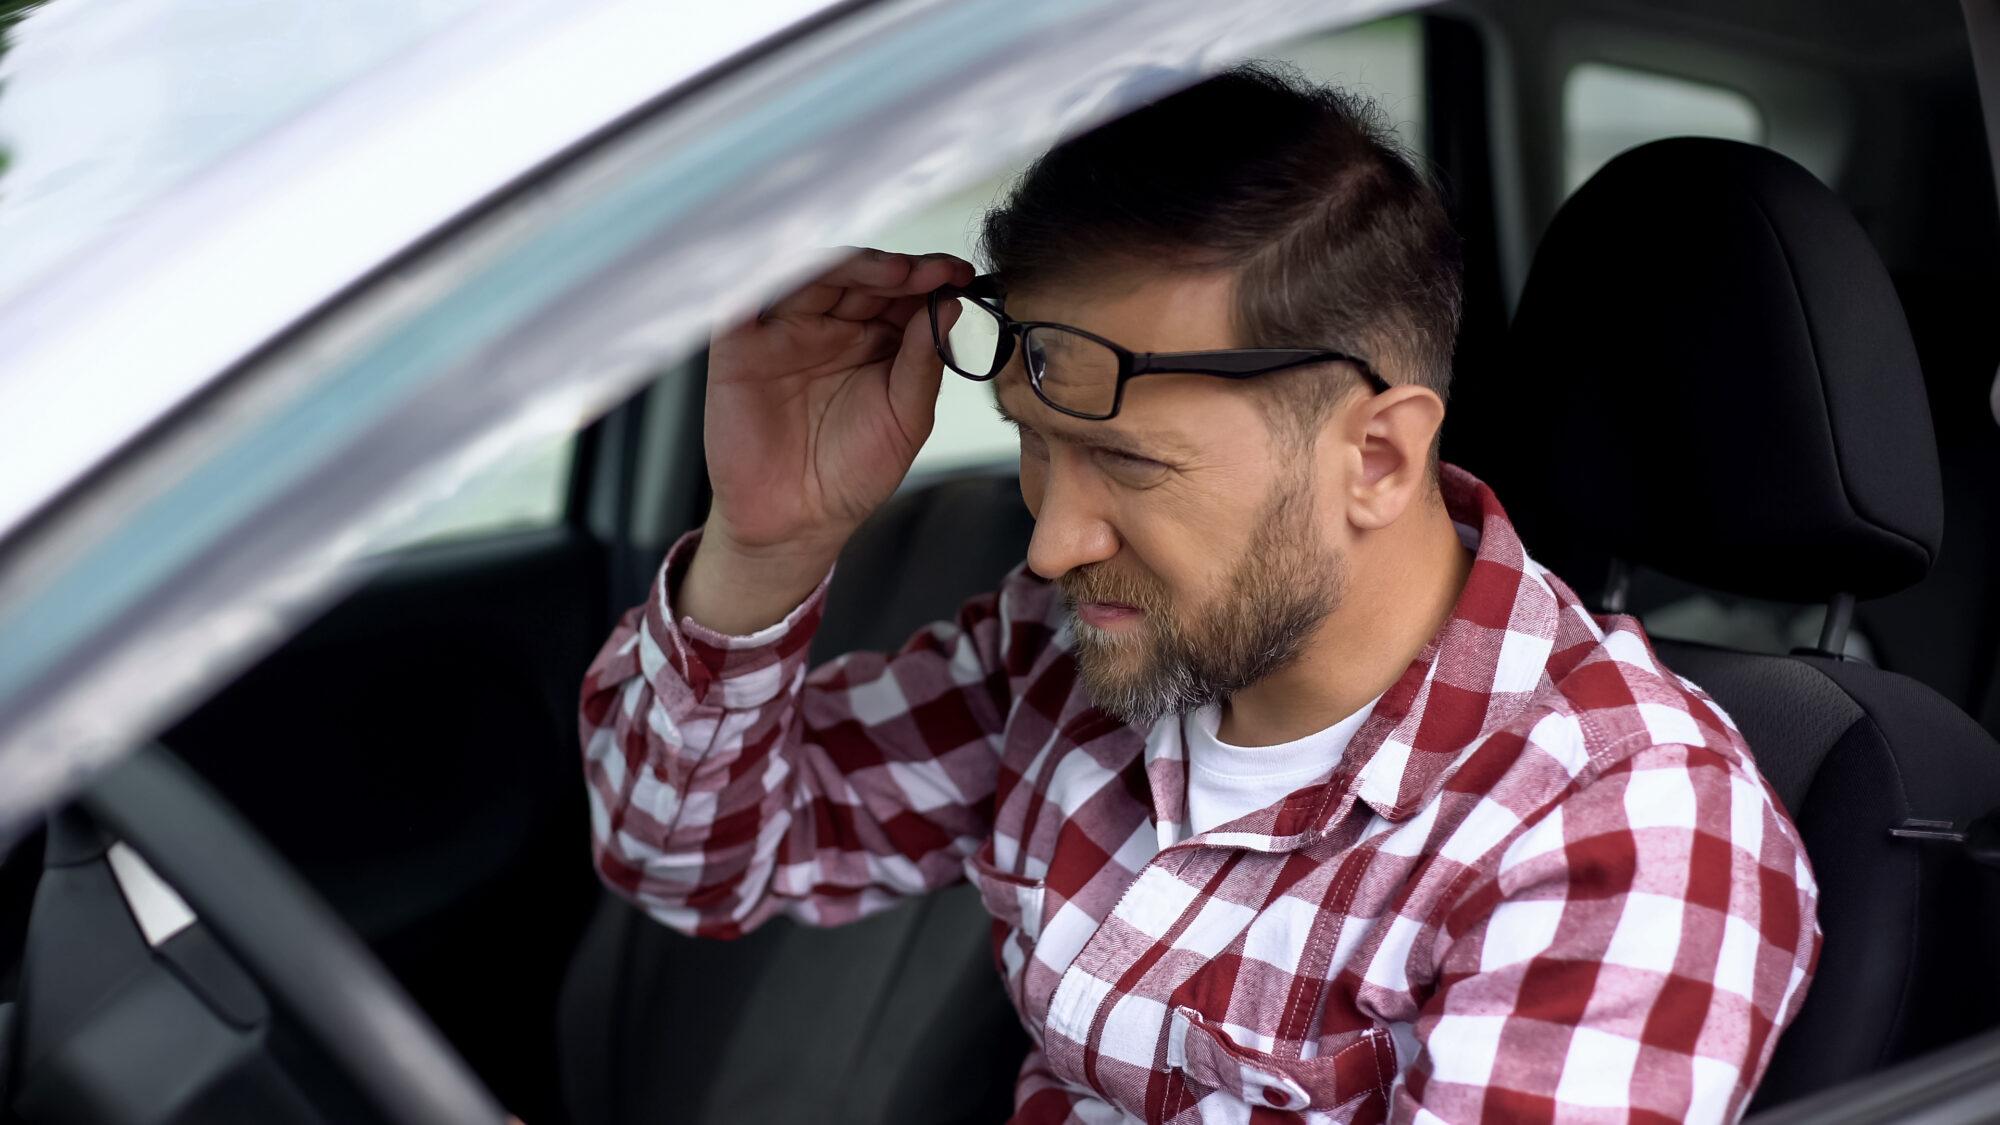 Condução: perigo está em não reconhecer que se vê mal